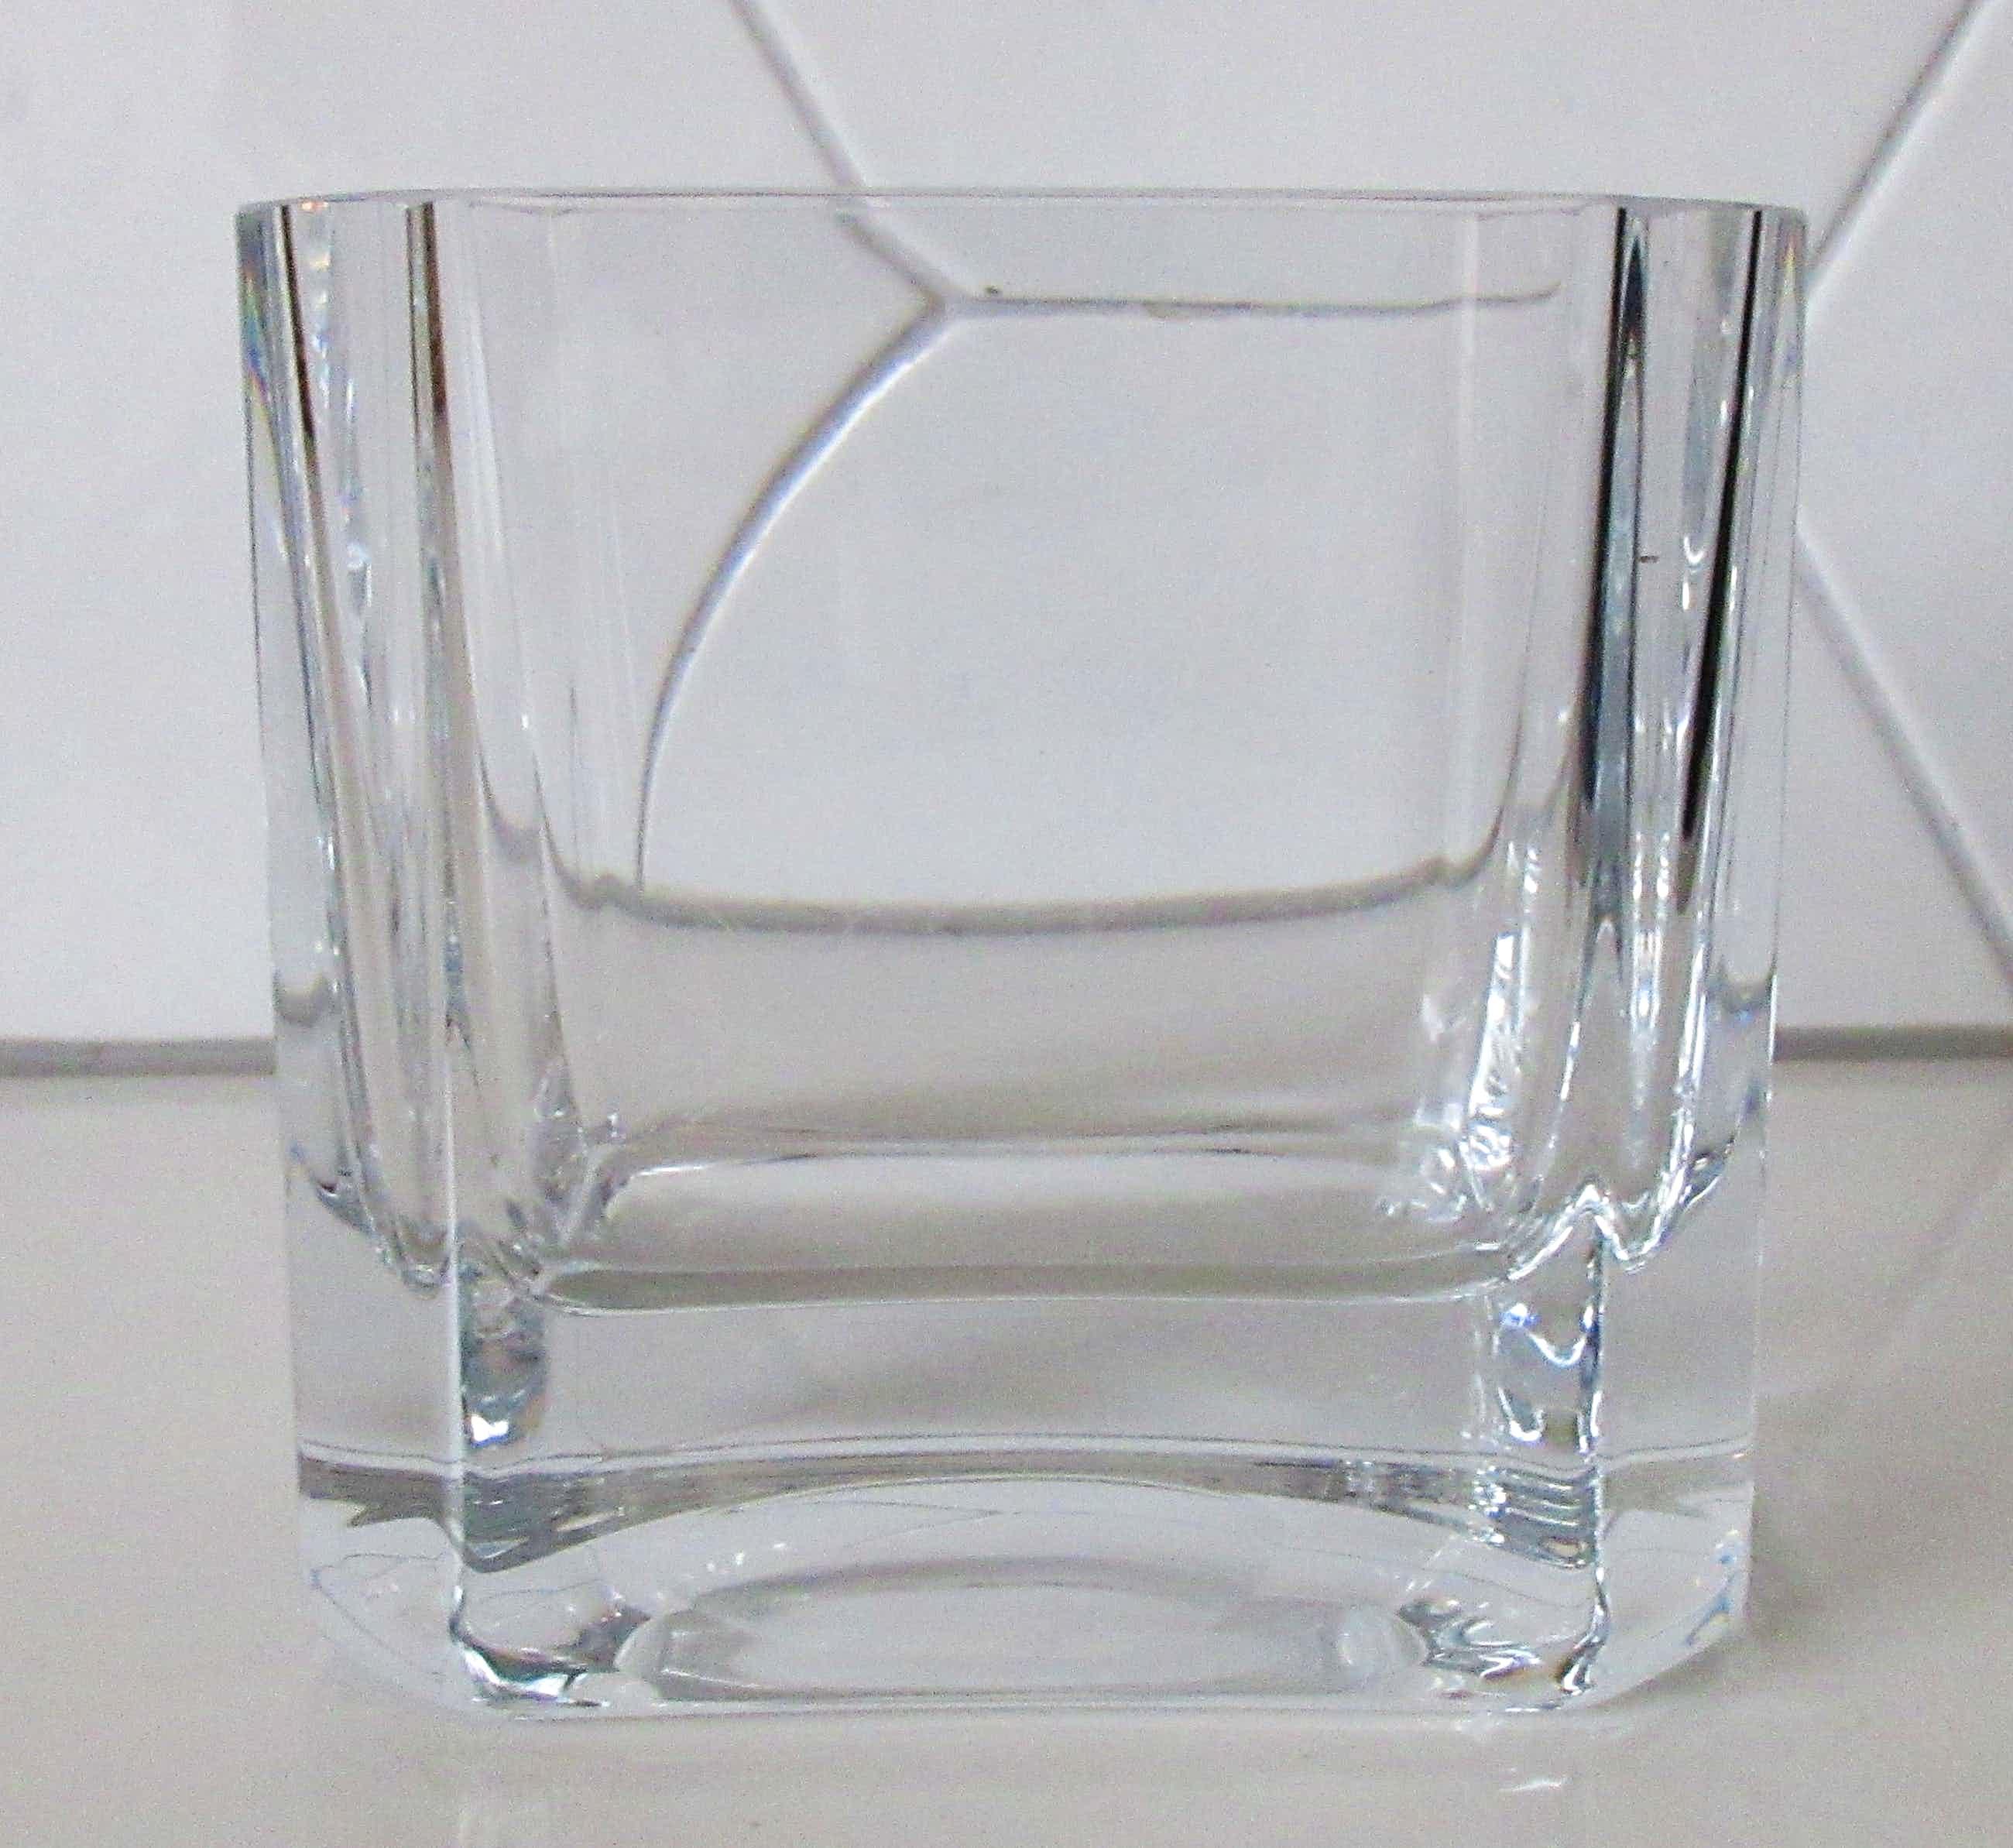 Peill & Putzler - Design blank kristallen rechthoekige vaas kopen? Bied vanaf 10!